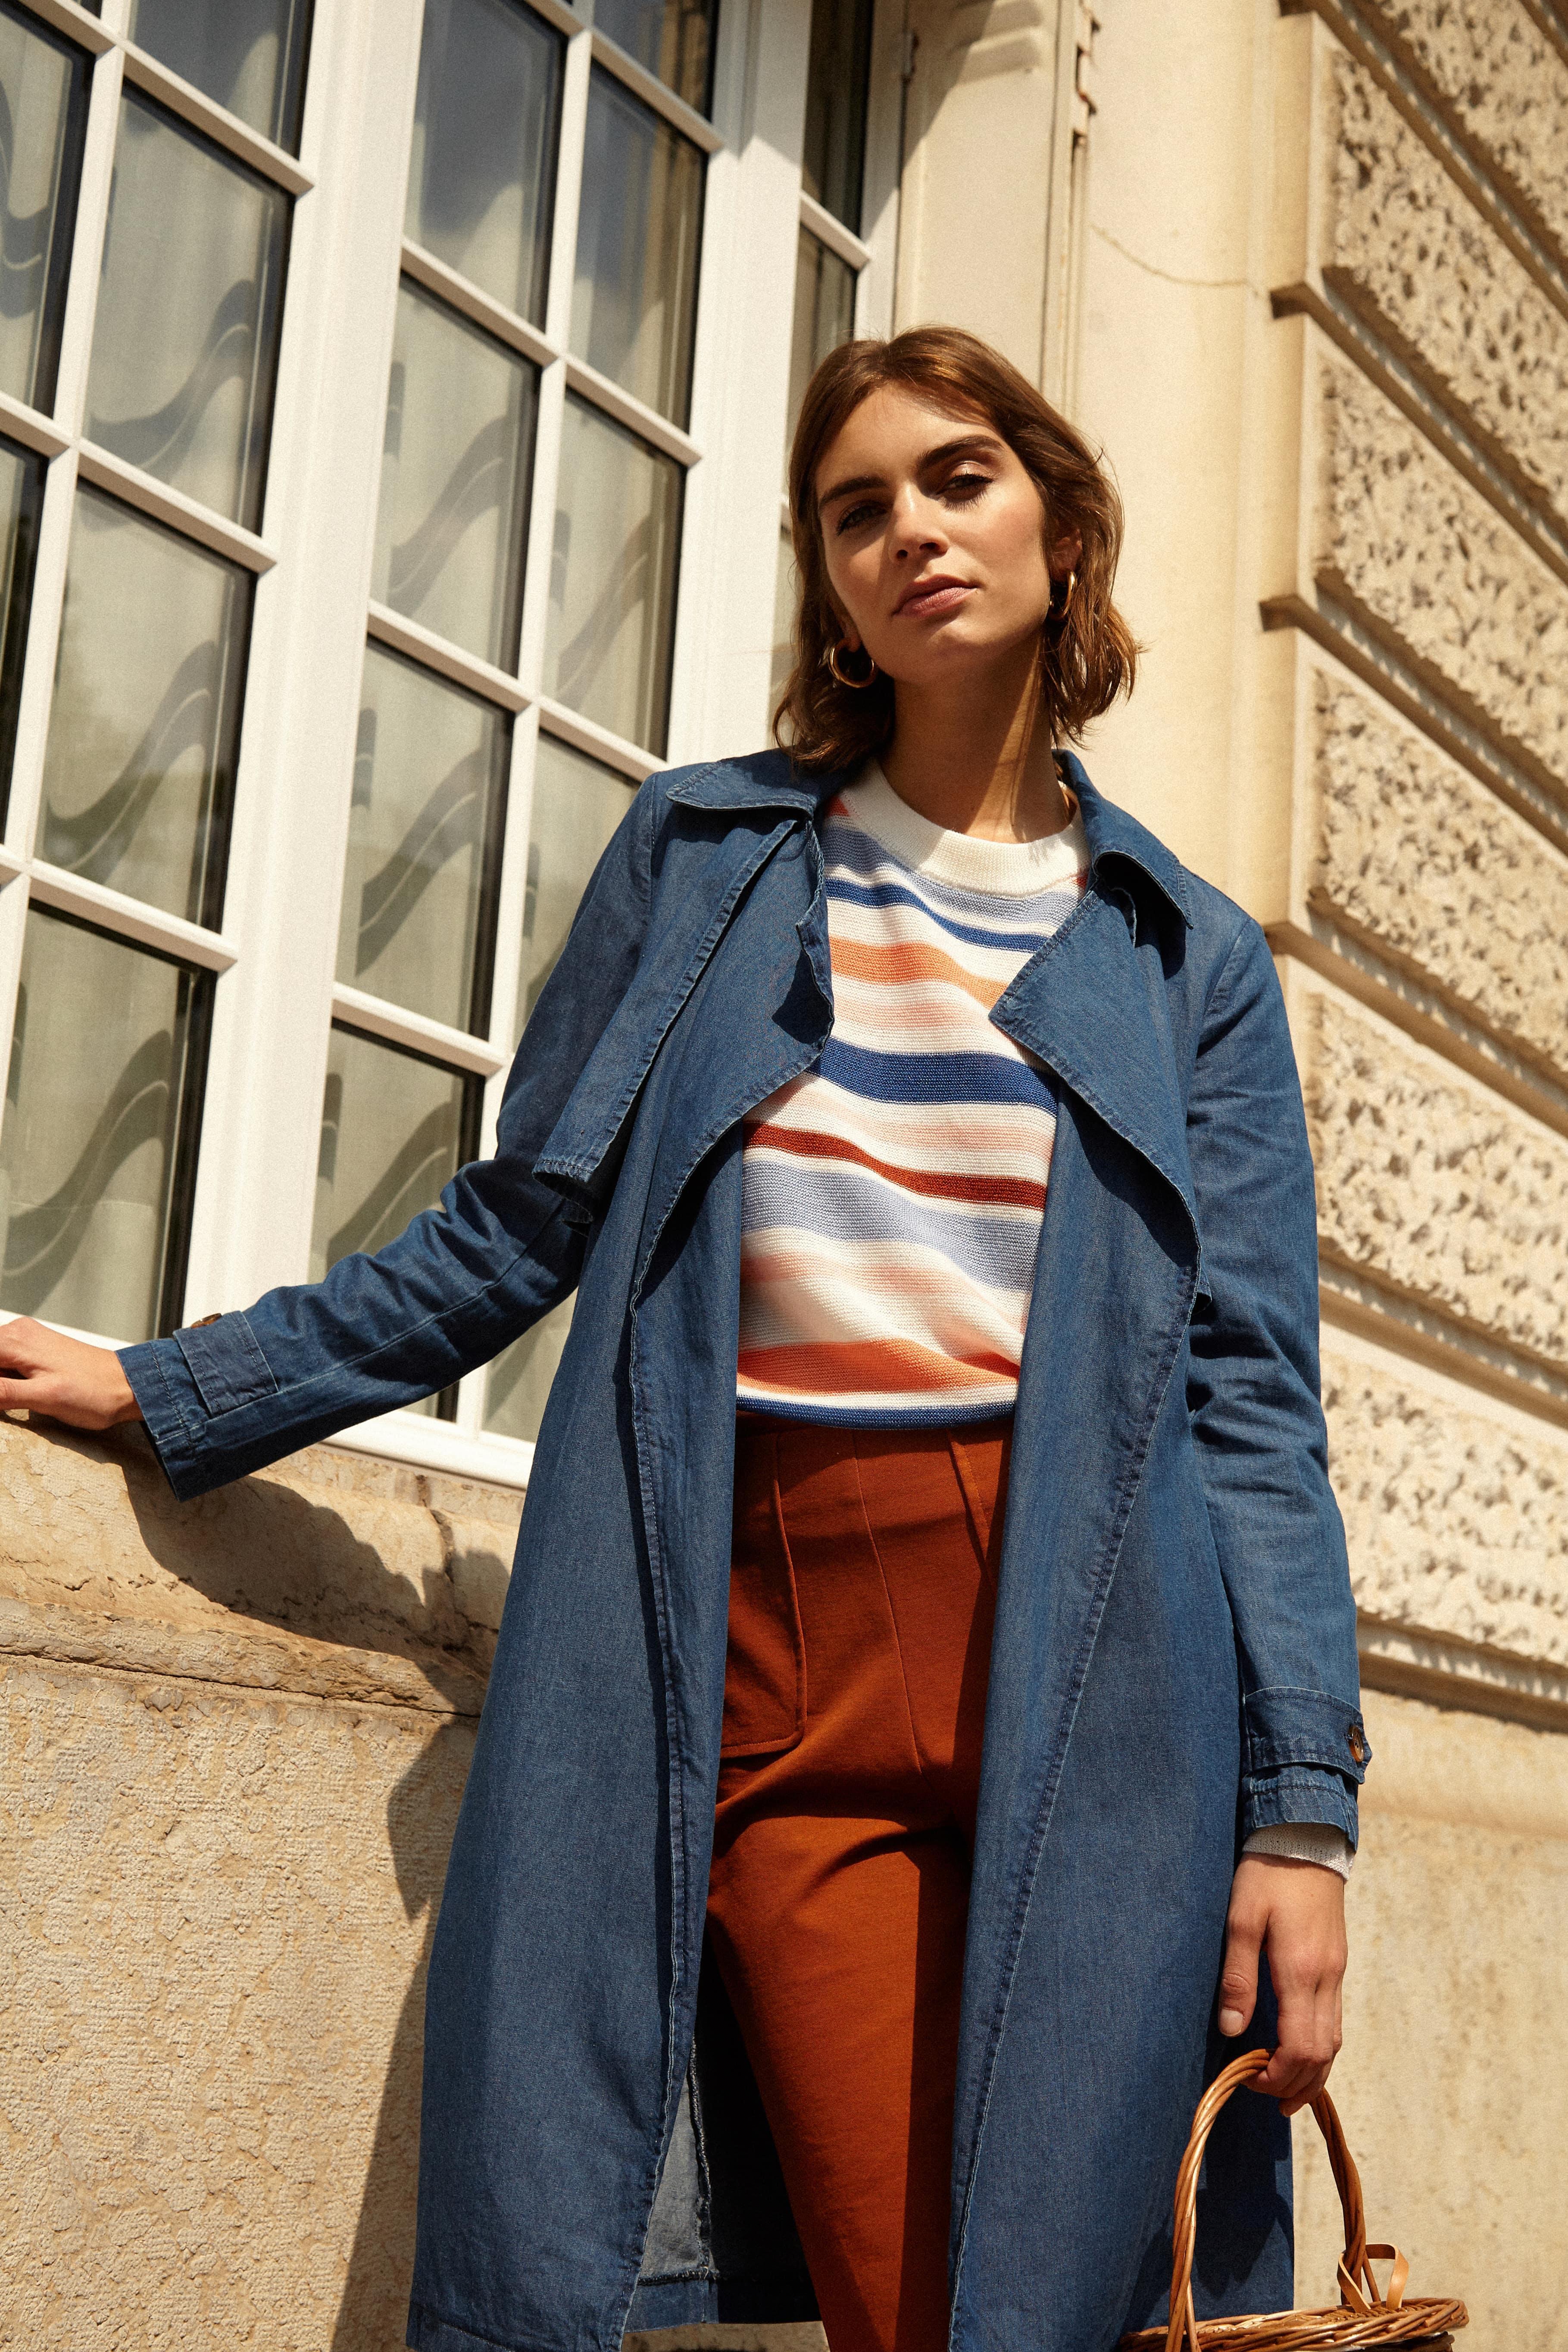 Le trench en toile de coton souple de couleur bleu Sanya FRNCH, c'est l'esprit de la marque. Pour une allure chic et raffiné à chacune de vos tenues craquez pour cette pièce maîtresse du dressing féminin qui se porte à toutes les saisons sur une robe ou sur pantalon. Parfait en toute saison c'est un indispensable de la saison.